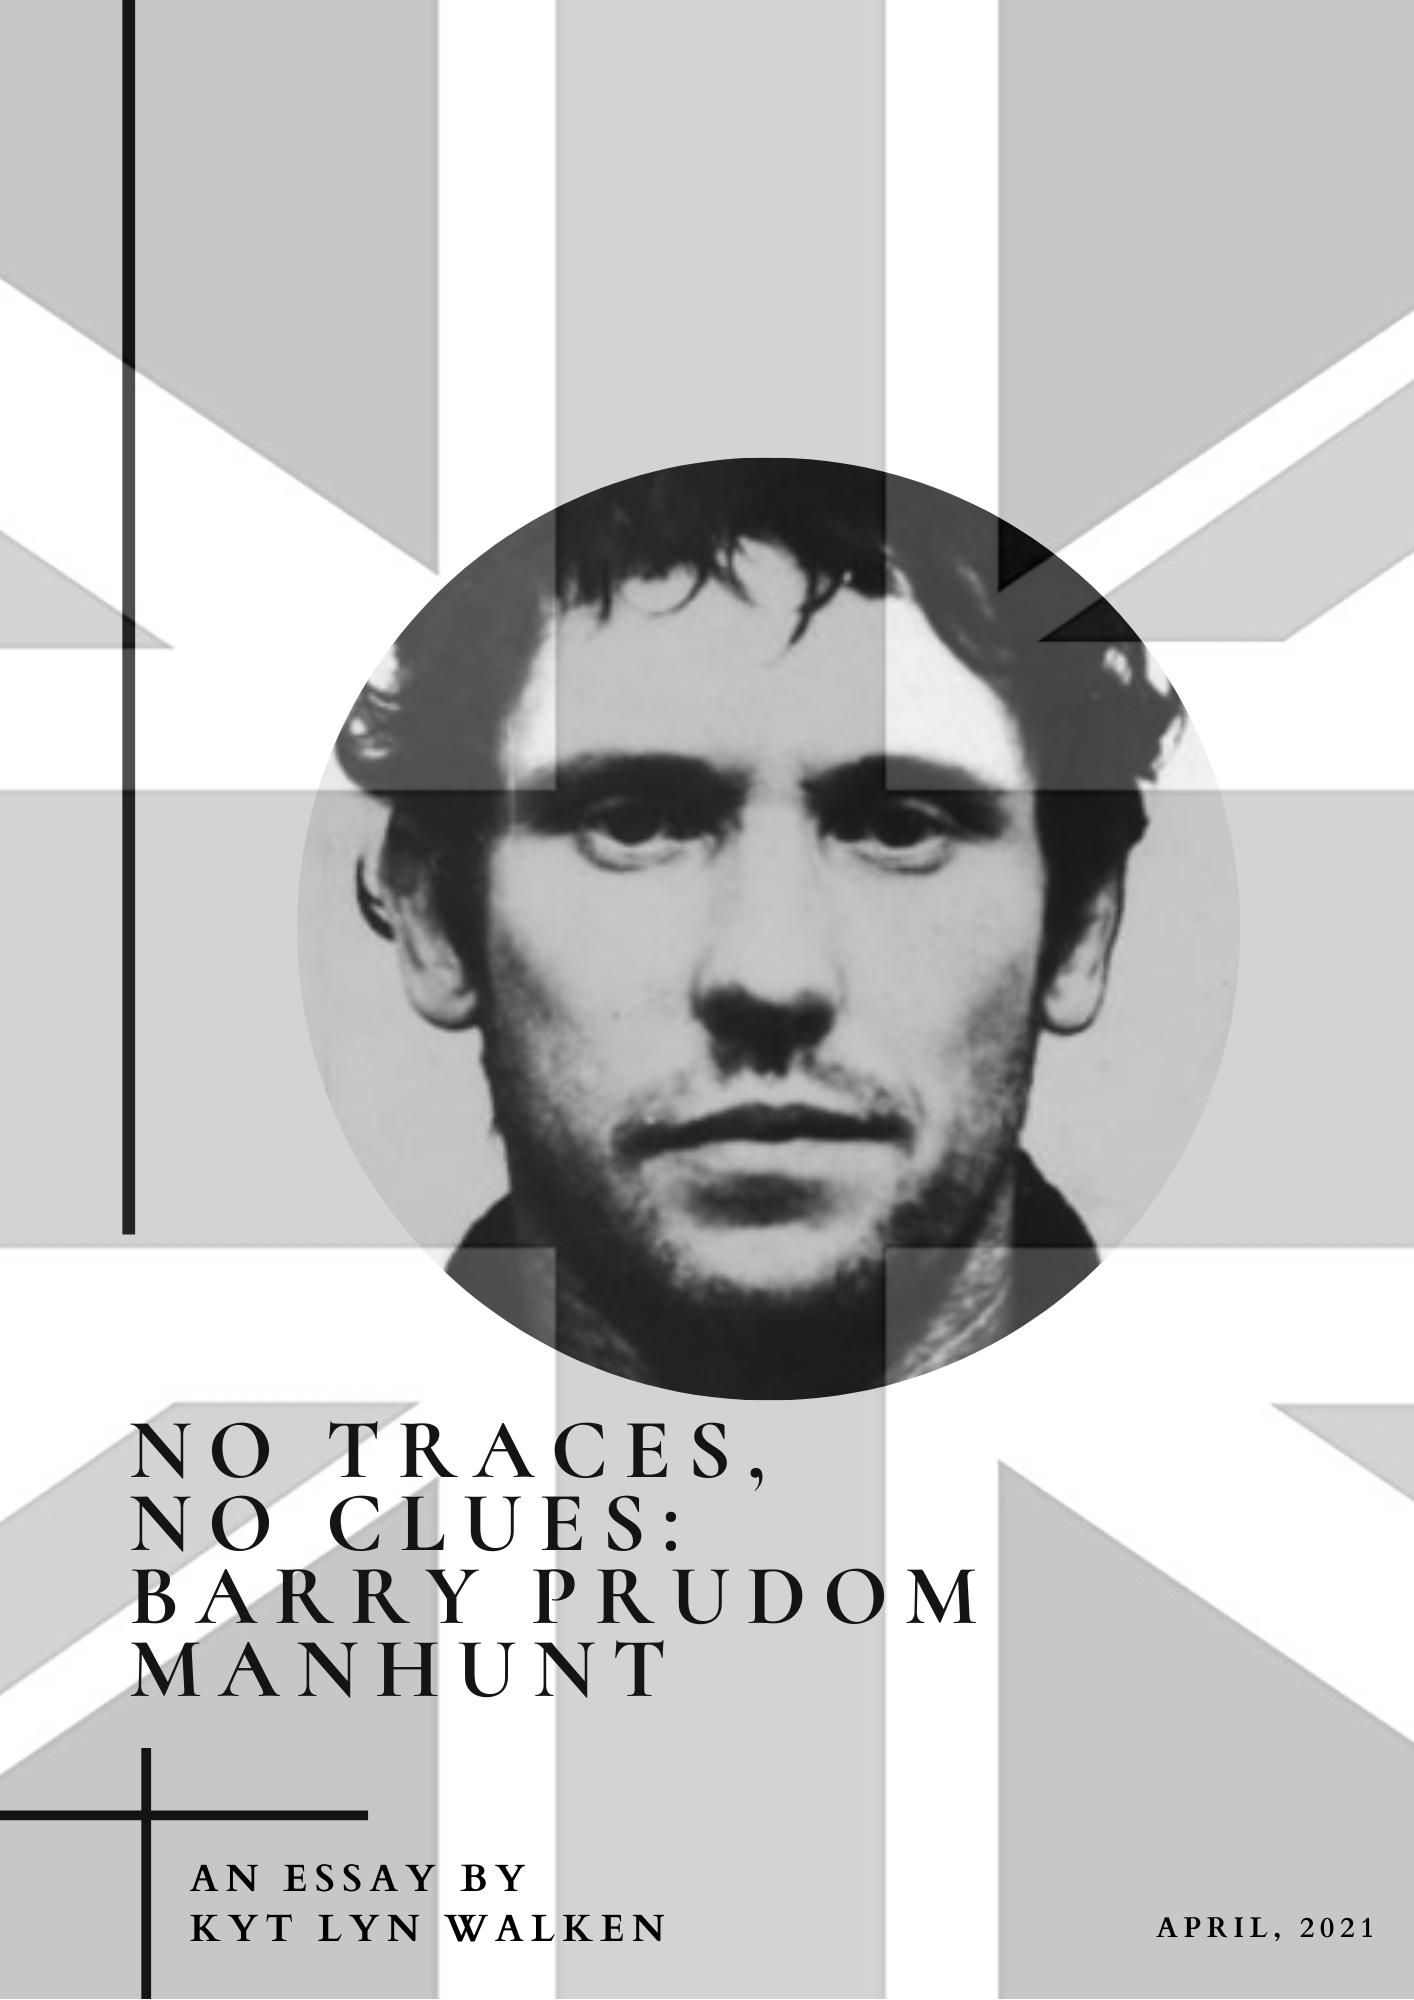 No traces, no clues_ Barry Prudom Manhunt